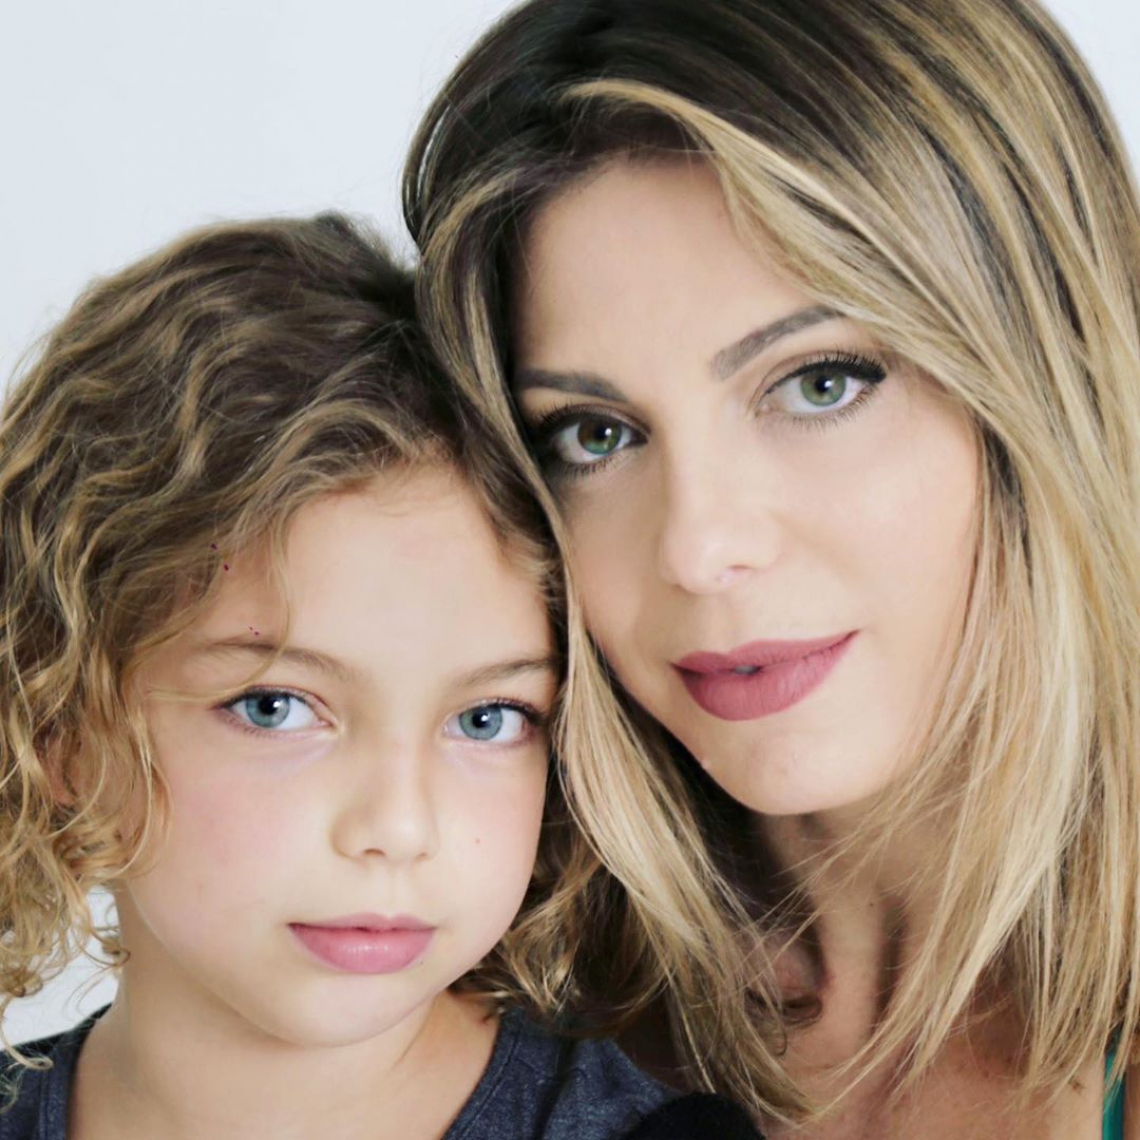 Sheila Mello publica foto ao lado da filha Brenda e as duas chamam atenção pela semelhança .